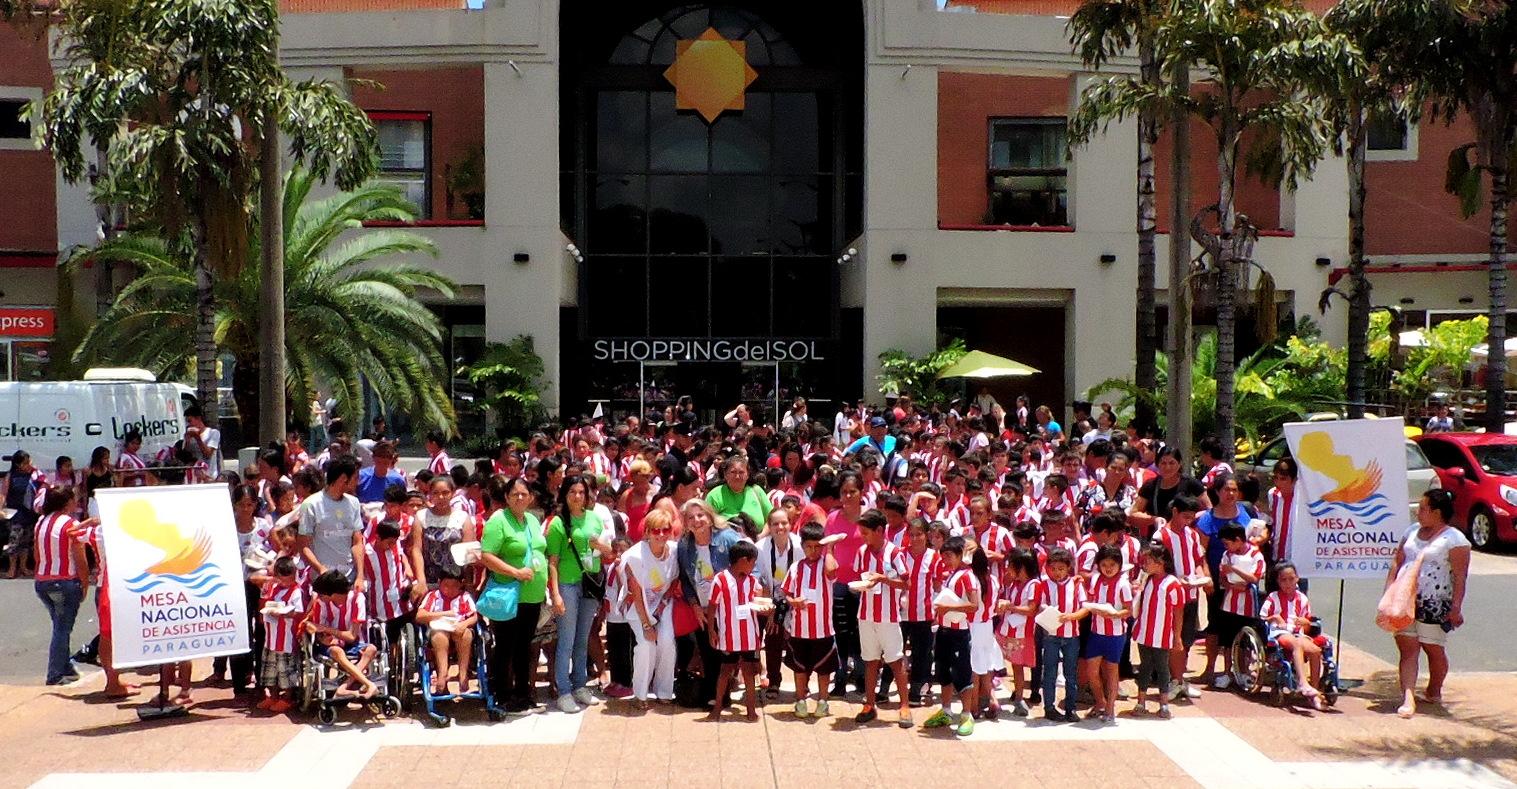 El Sol abrió sus puertas a unos 450 niños/as damnificados